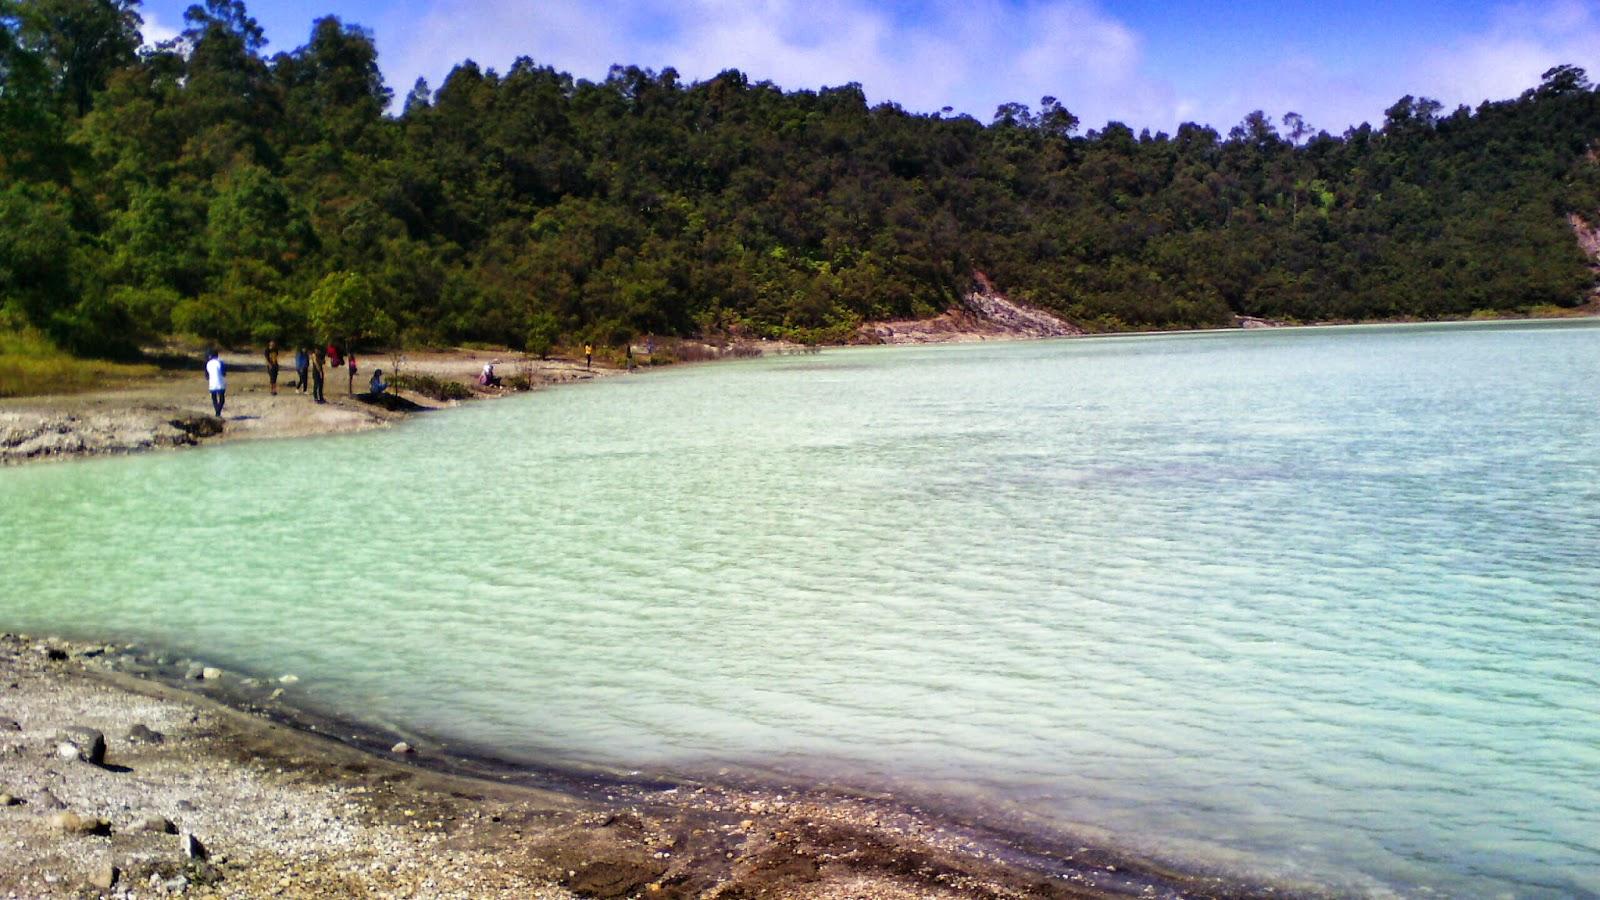 Di lokasi ini juga terdapat kolam pemandian air panas yang langsung menghadap ke kawah Talaga Bodas